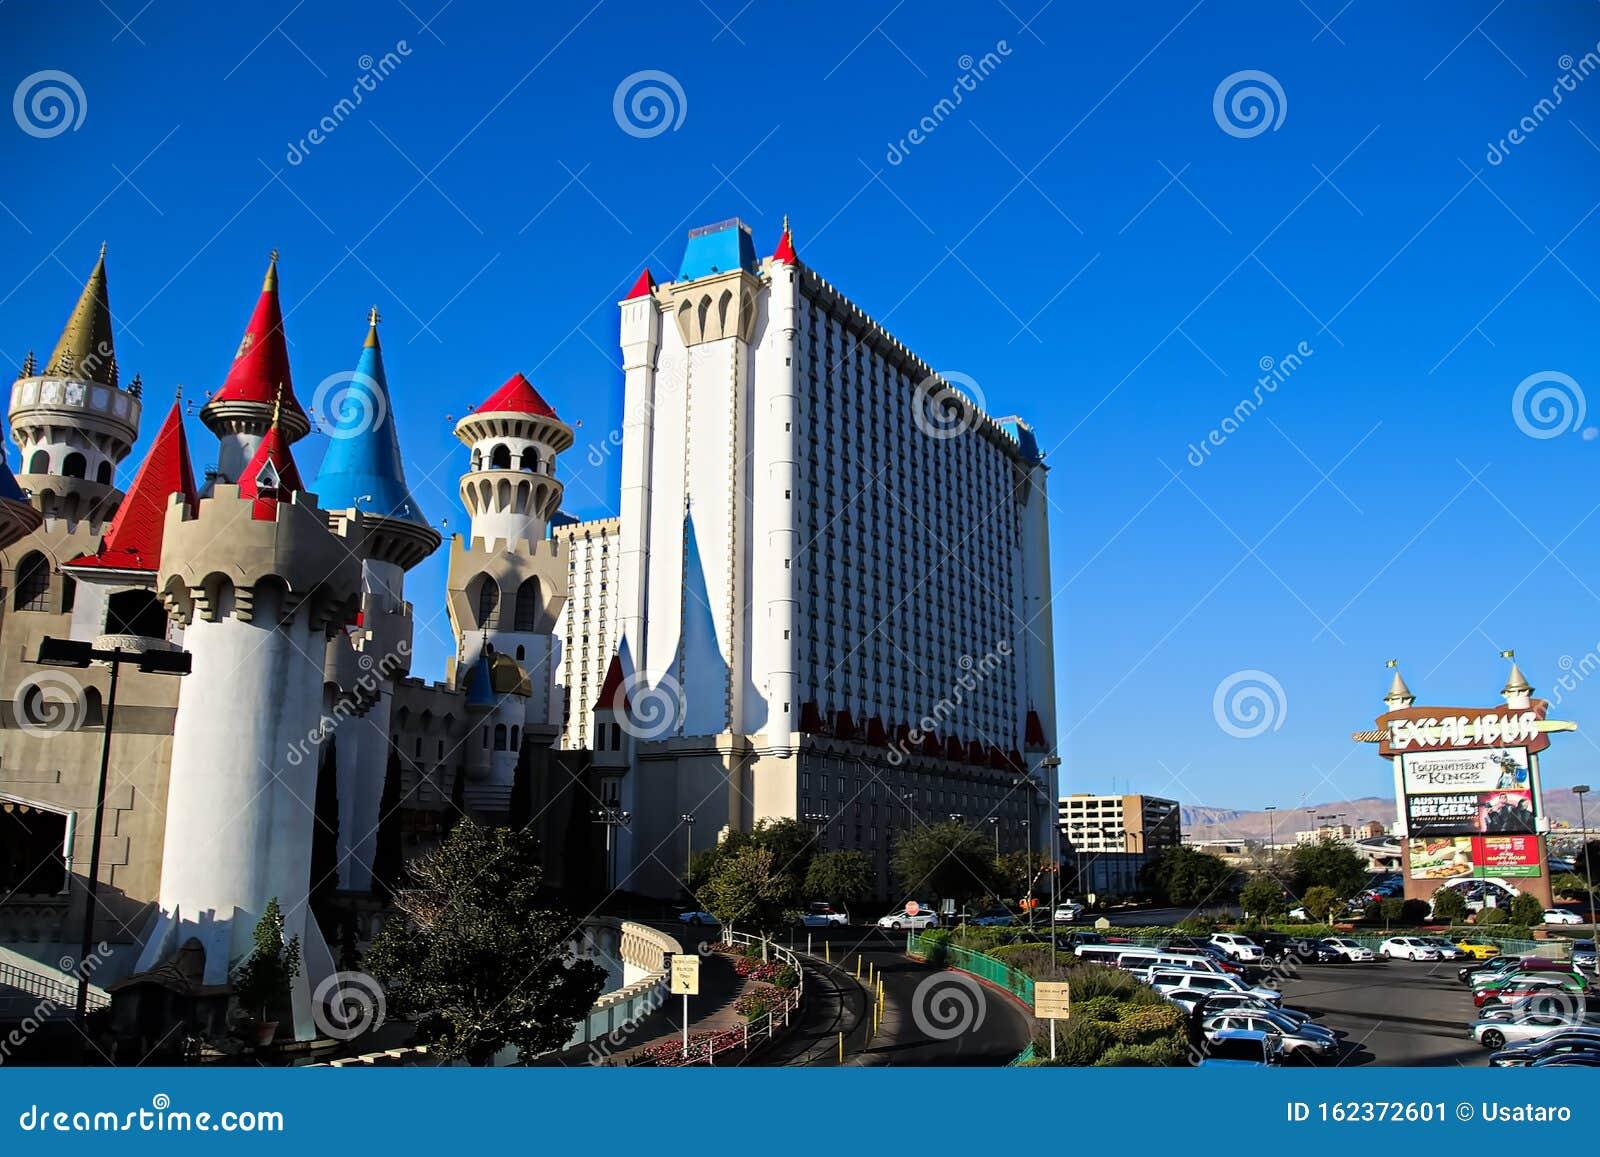 The Excalibur Hotel And Casino In Las Vegas Editorial Photo Image Of Entertainment Craps 162372601